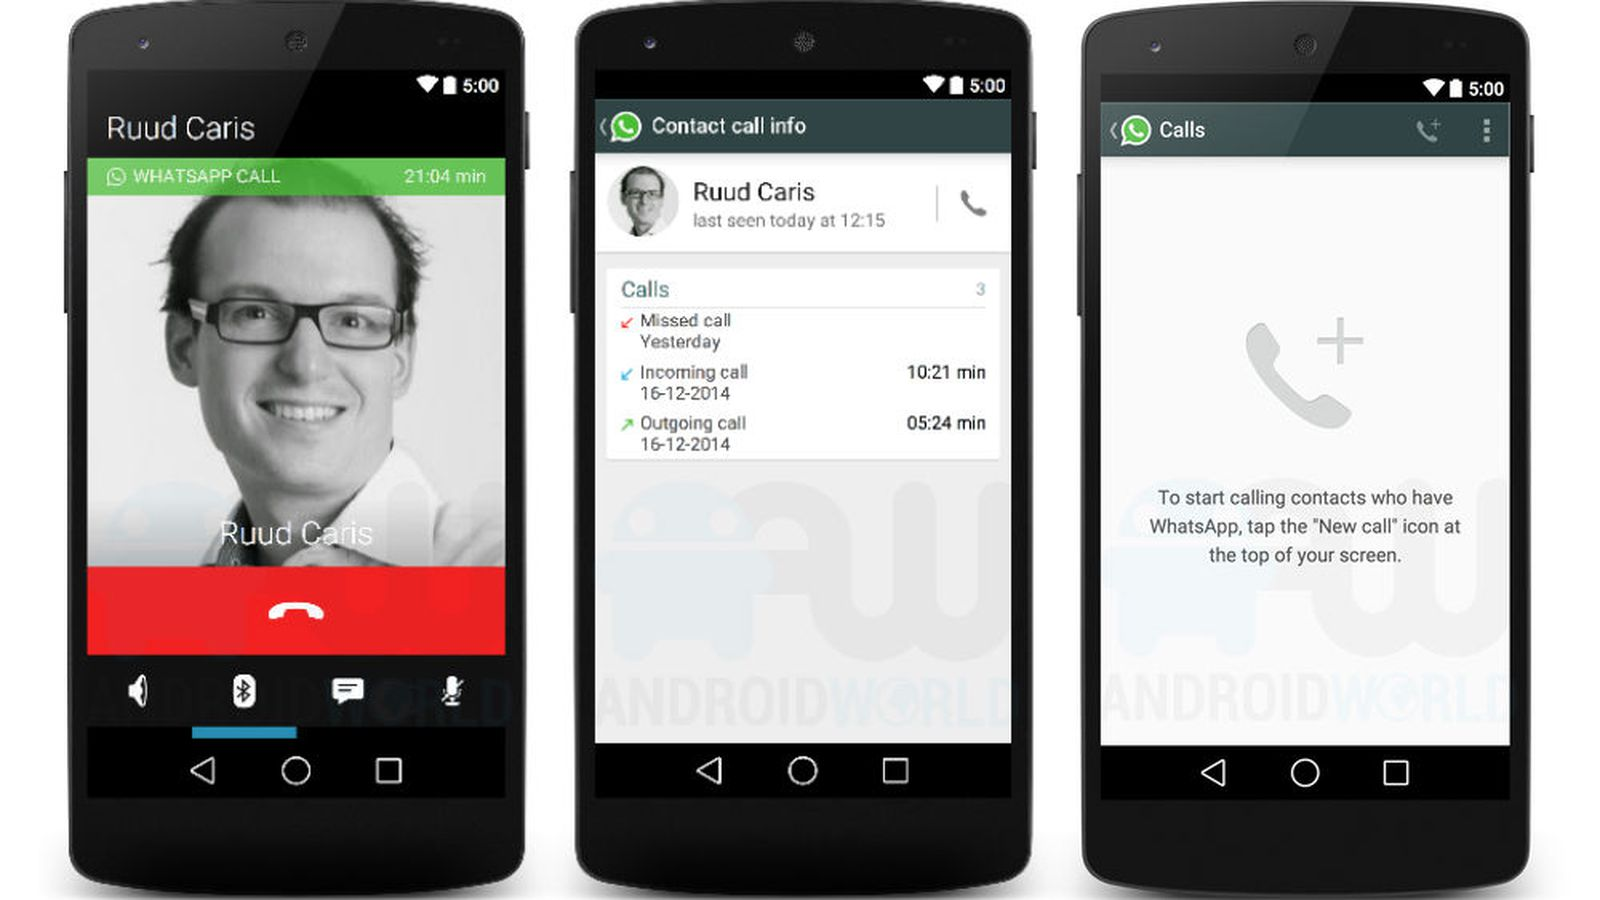 تفعيل مميزة الاتصال في الواتس اب whatsapp call